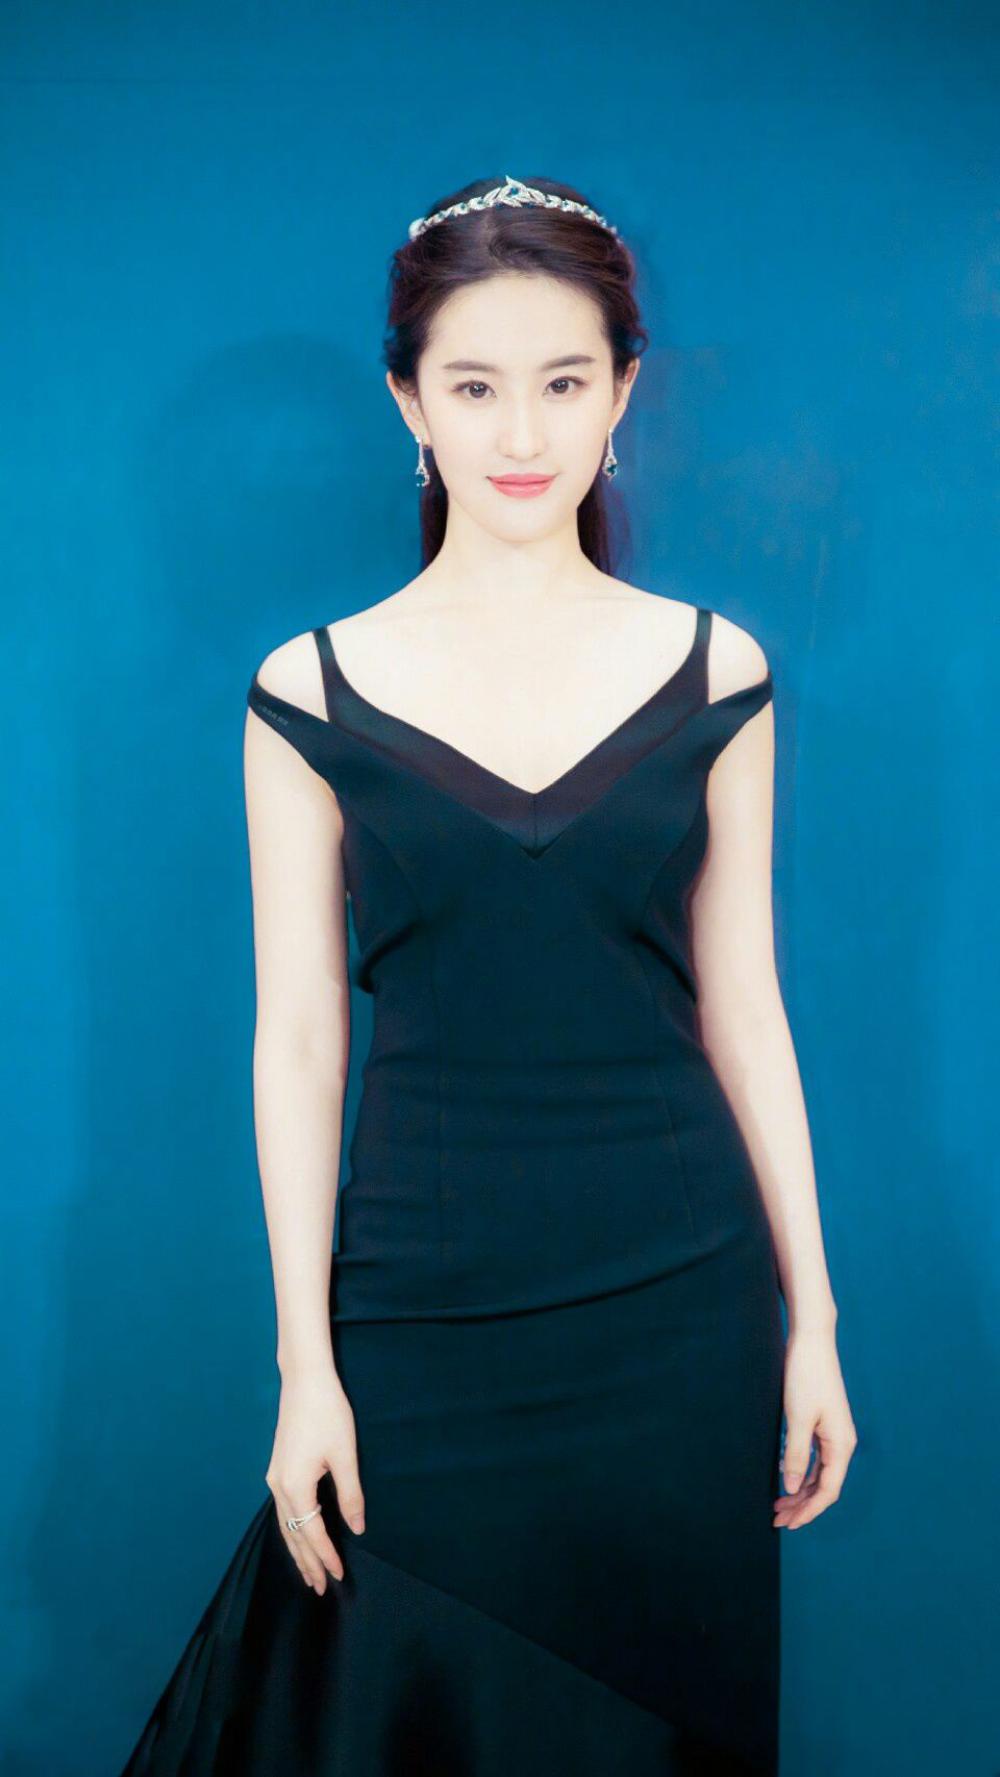 肌肤胜雪,容色绝丽—刘亦菲-第5张图片